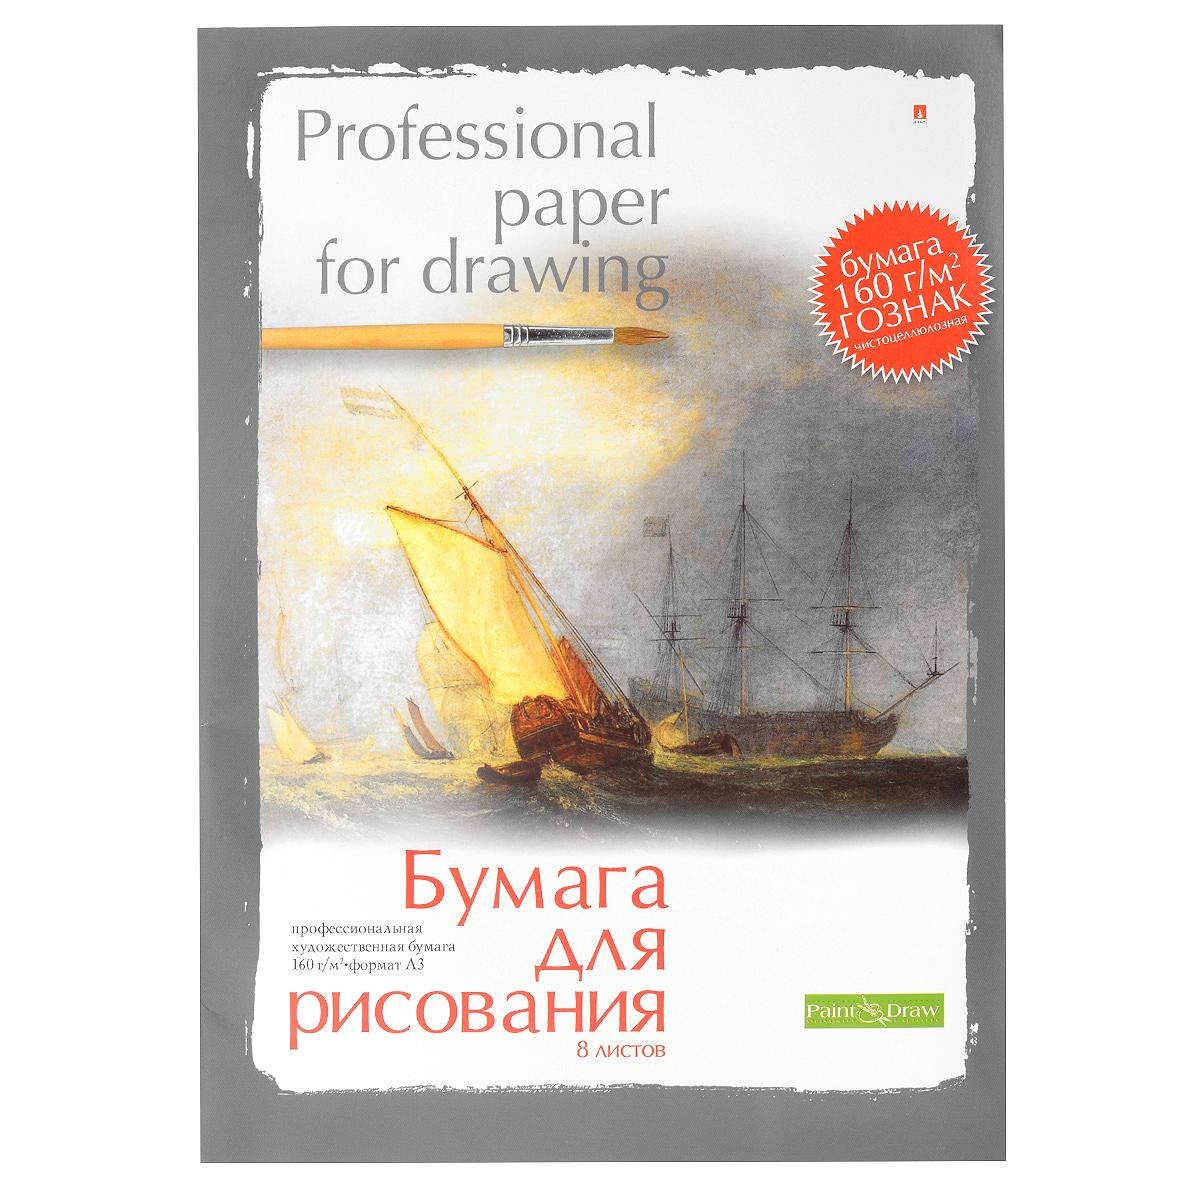 Бумага для акварели Альт, 8 листов, форматА3LL-AWP-8/8Бумага для акварели Альт предназначена для использования профессиональными художниками, дизайнерами, иллюстраторами. Высококачественная бумага, специально разработанная для письма акварелью.Бумага соответствует всем стандартам качества и имеет плотность 160 г/кв м.